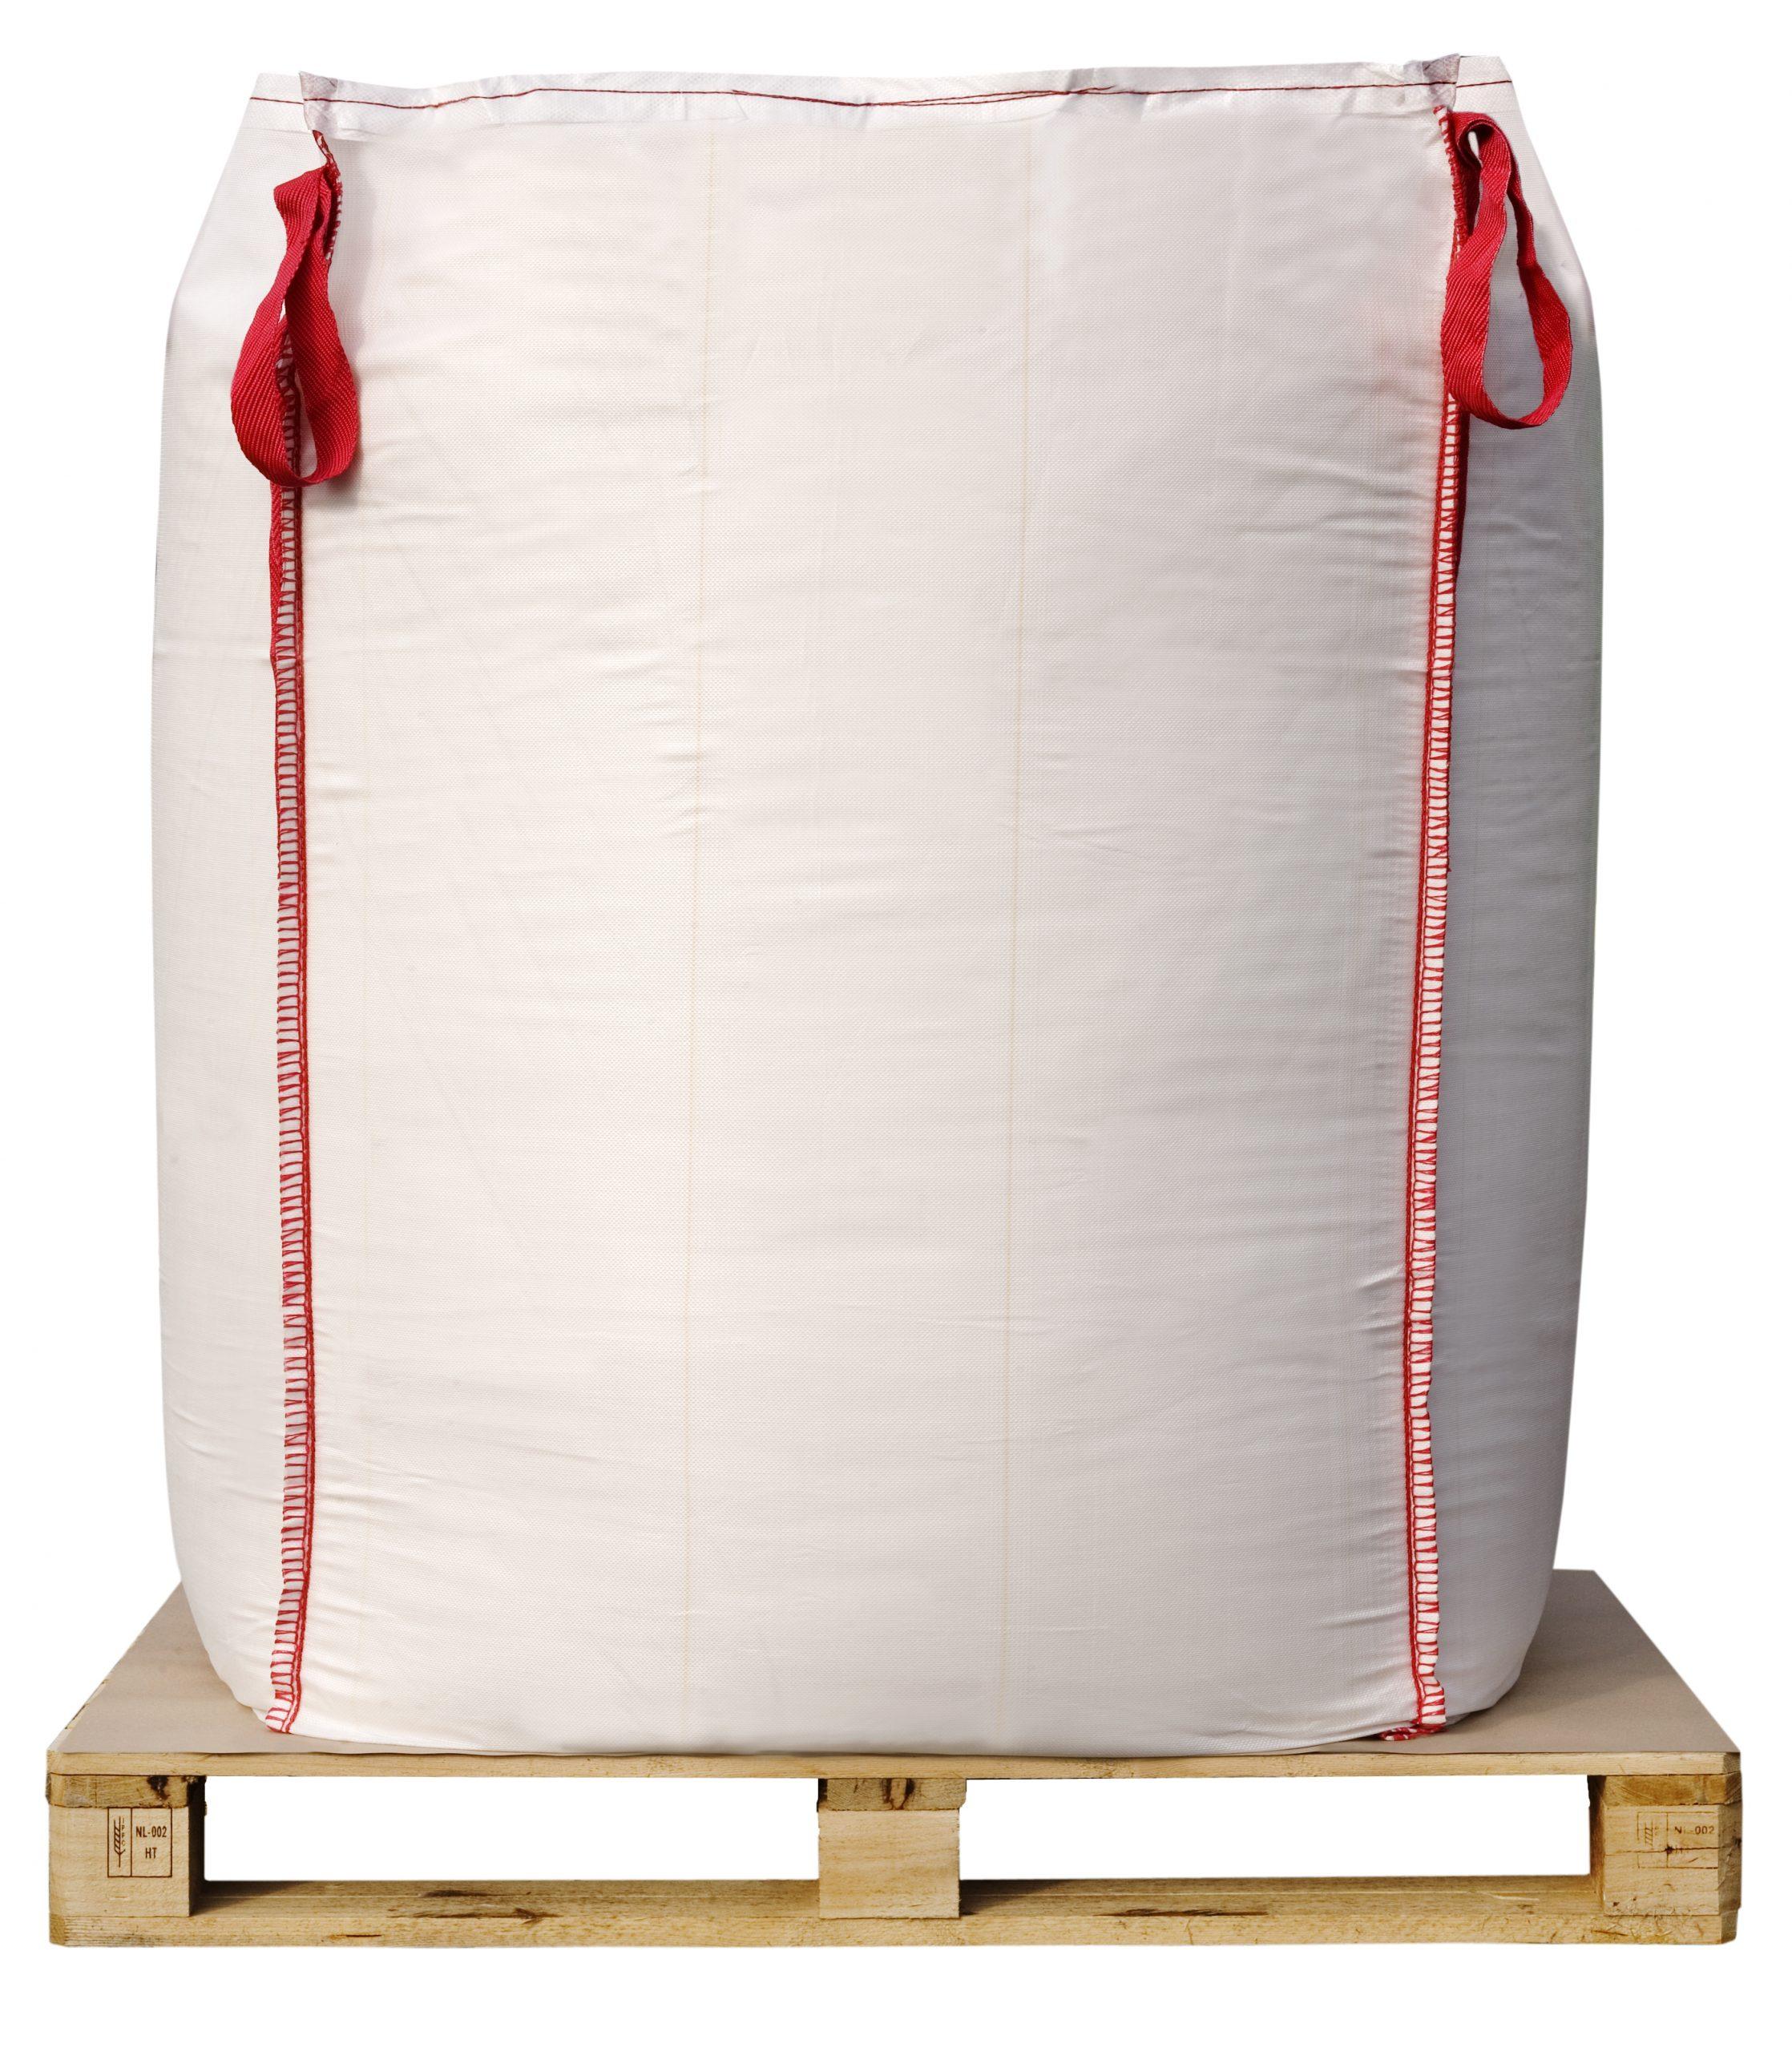 fogli antiscivolo su big bags